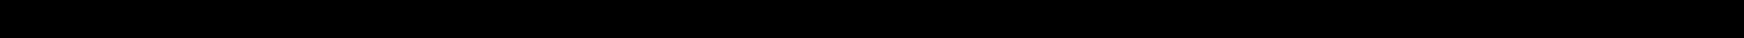 Katsoulidis-RegularItalic.otf